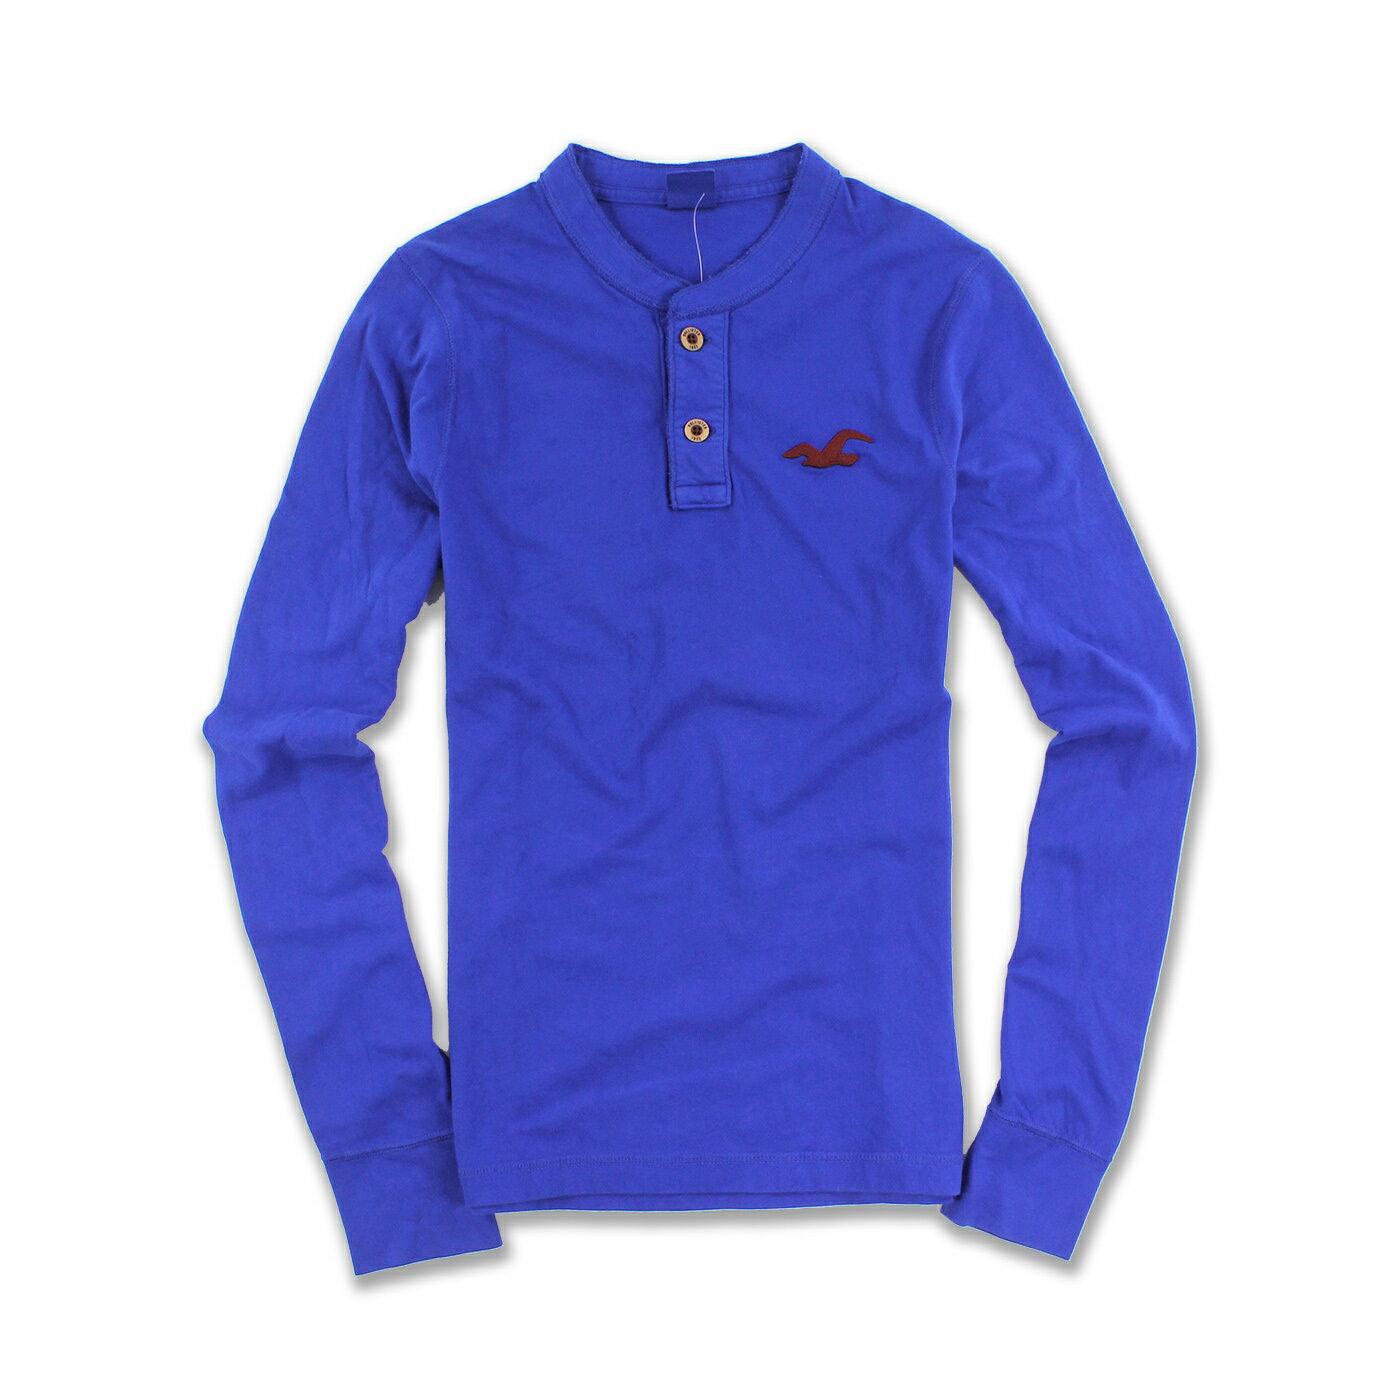 美國百分百【Hollister Co.】T恤 HCO 長袖 T-shirt 長T 海鷗 亨利領 寶藍色 S號 F552